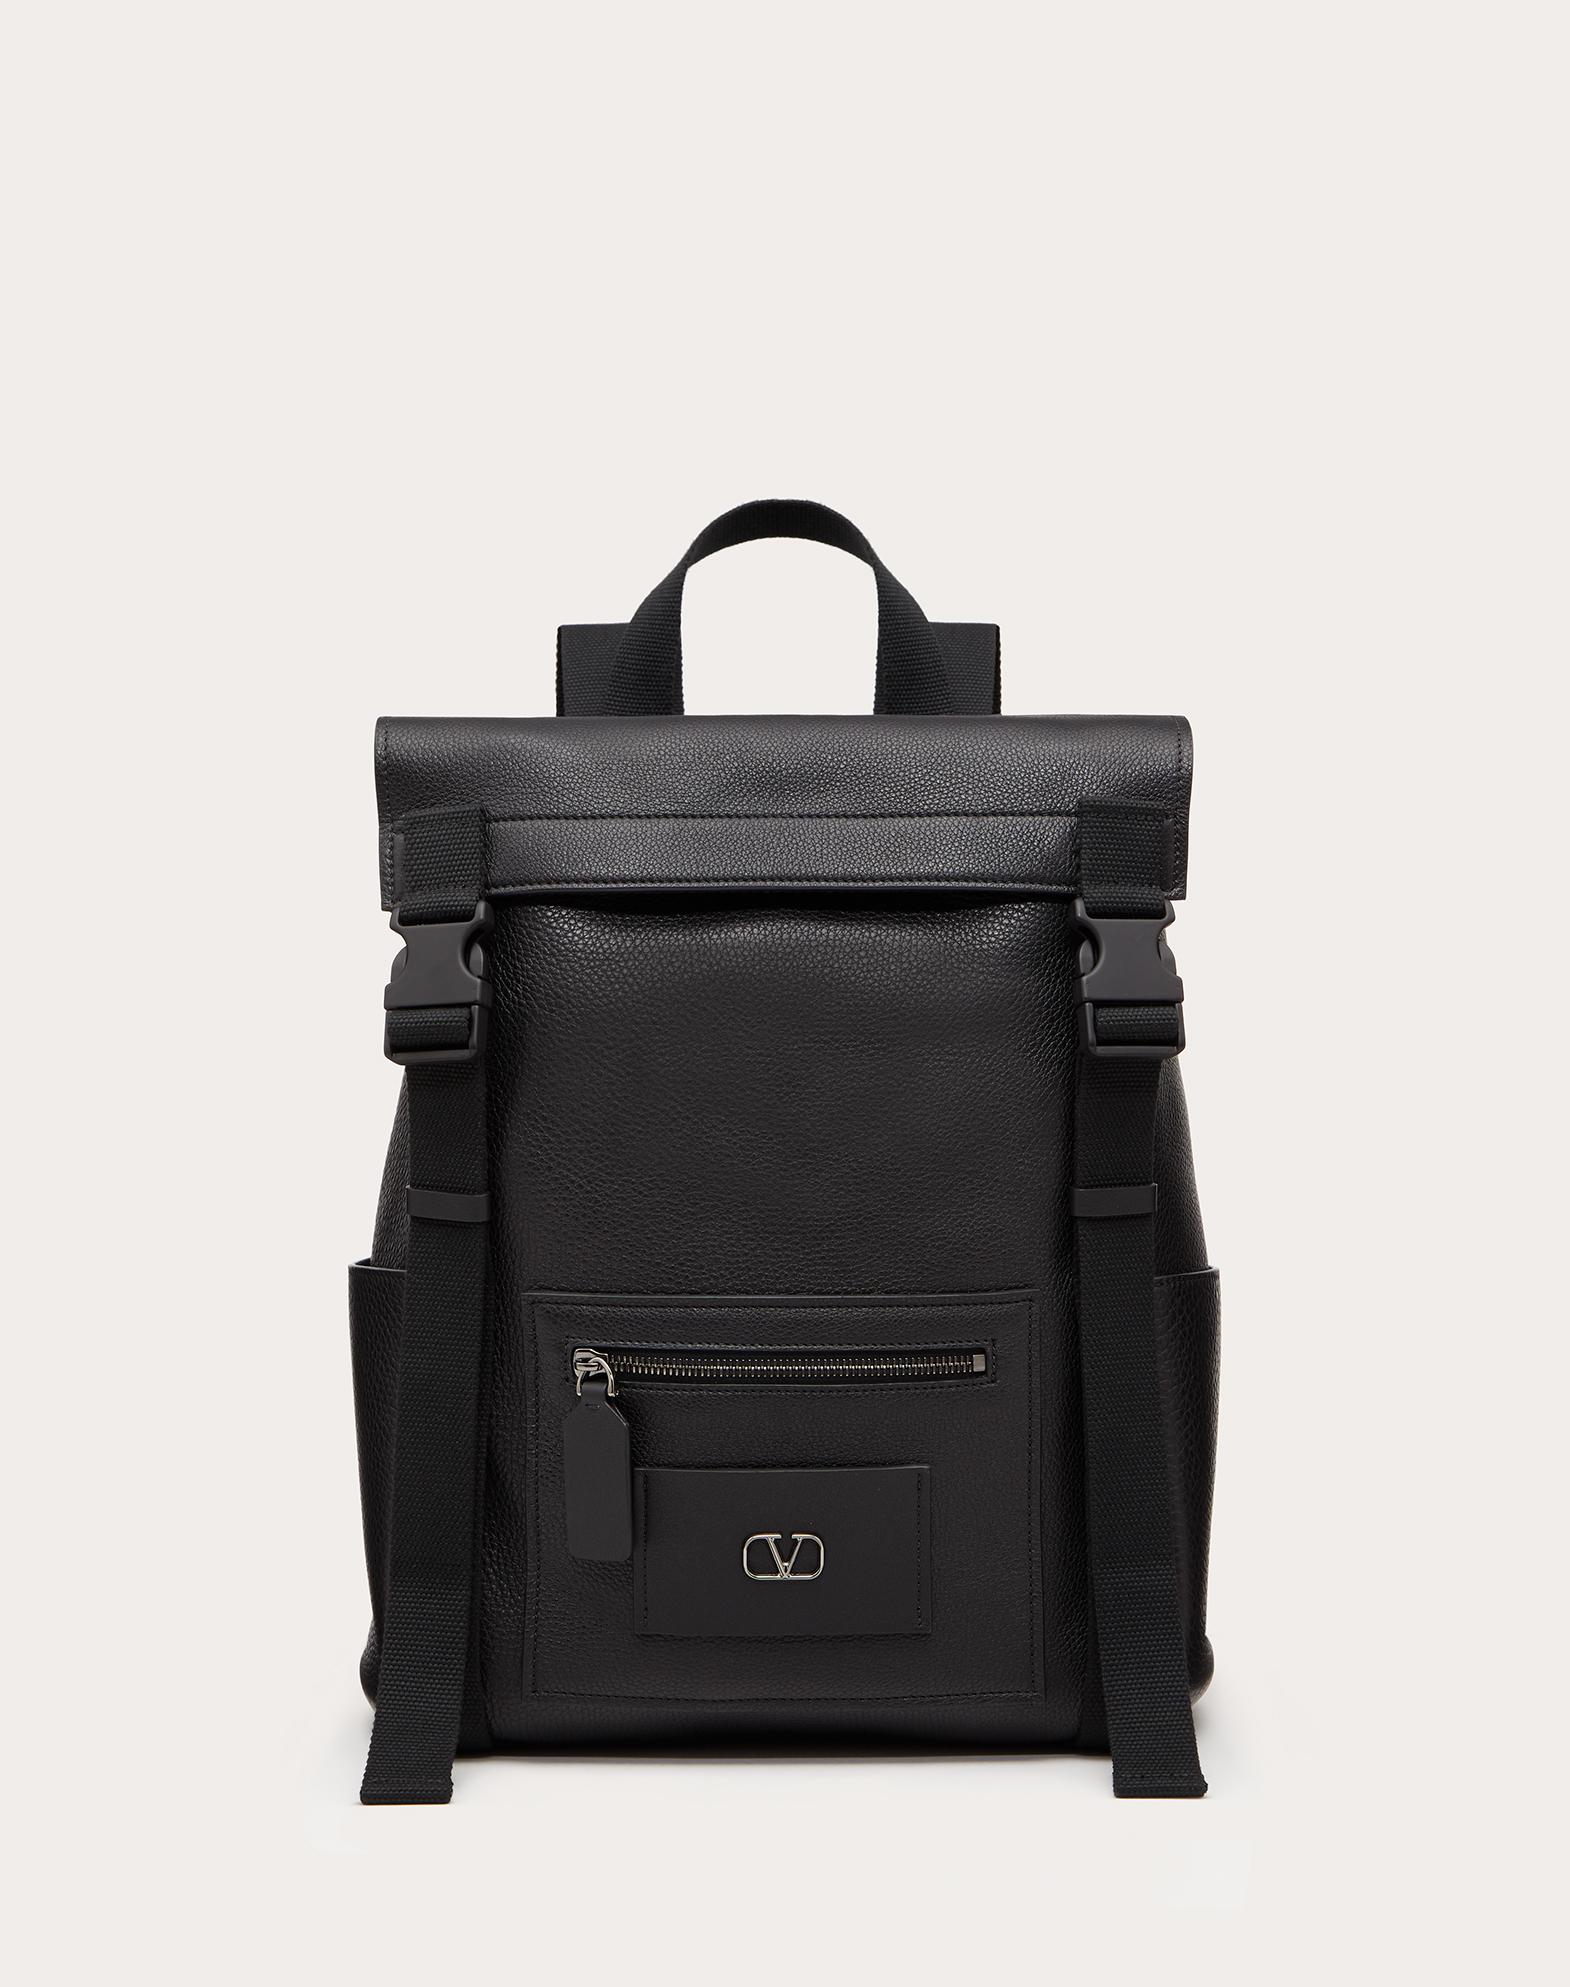 VLOGO Elk-Print Calfskin Leather Backpack